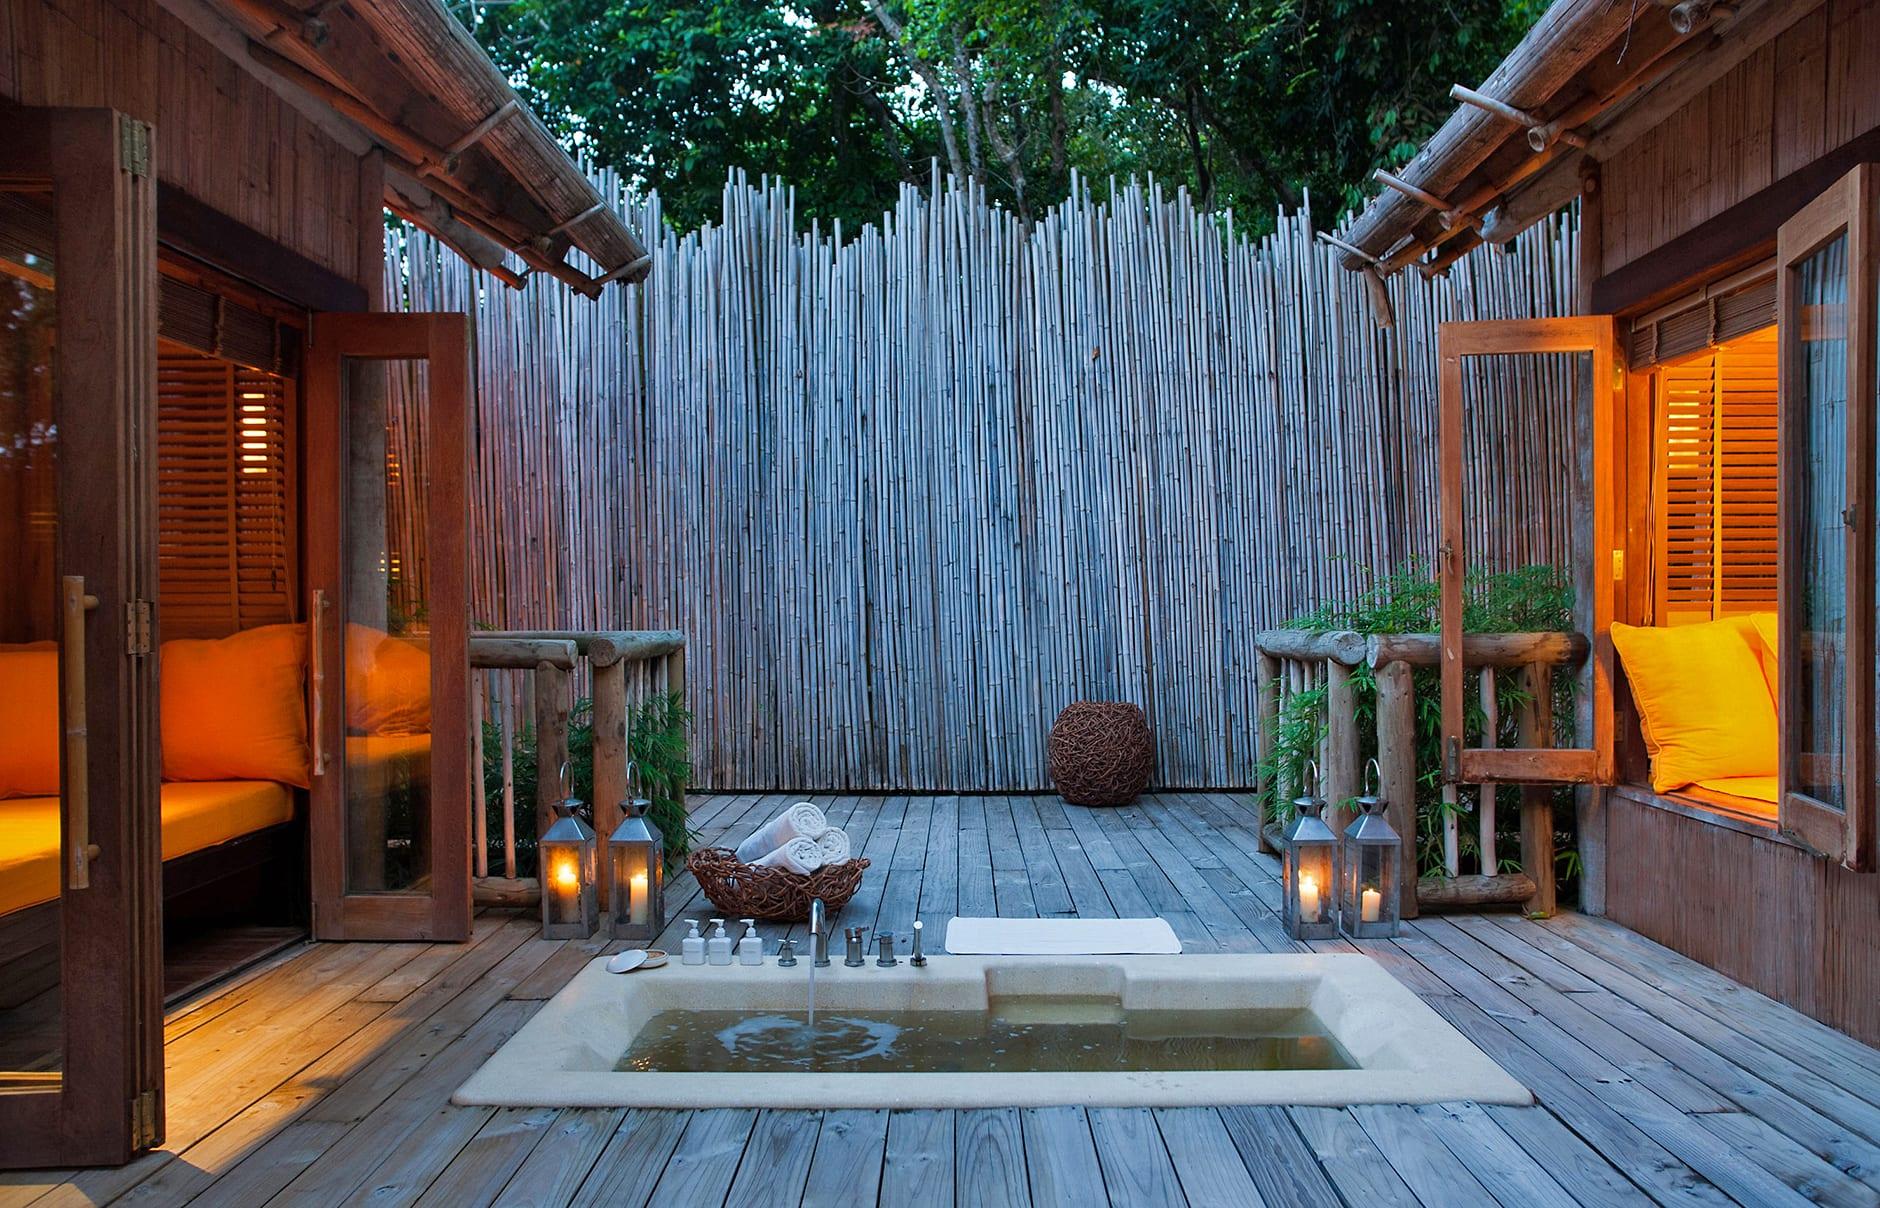 Hill Villa. Soneva Kiri, Koh Kood, Thailand. © Soneva.com